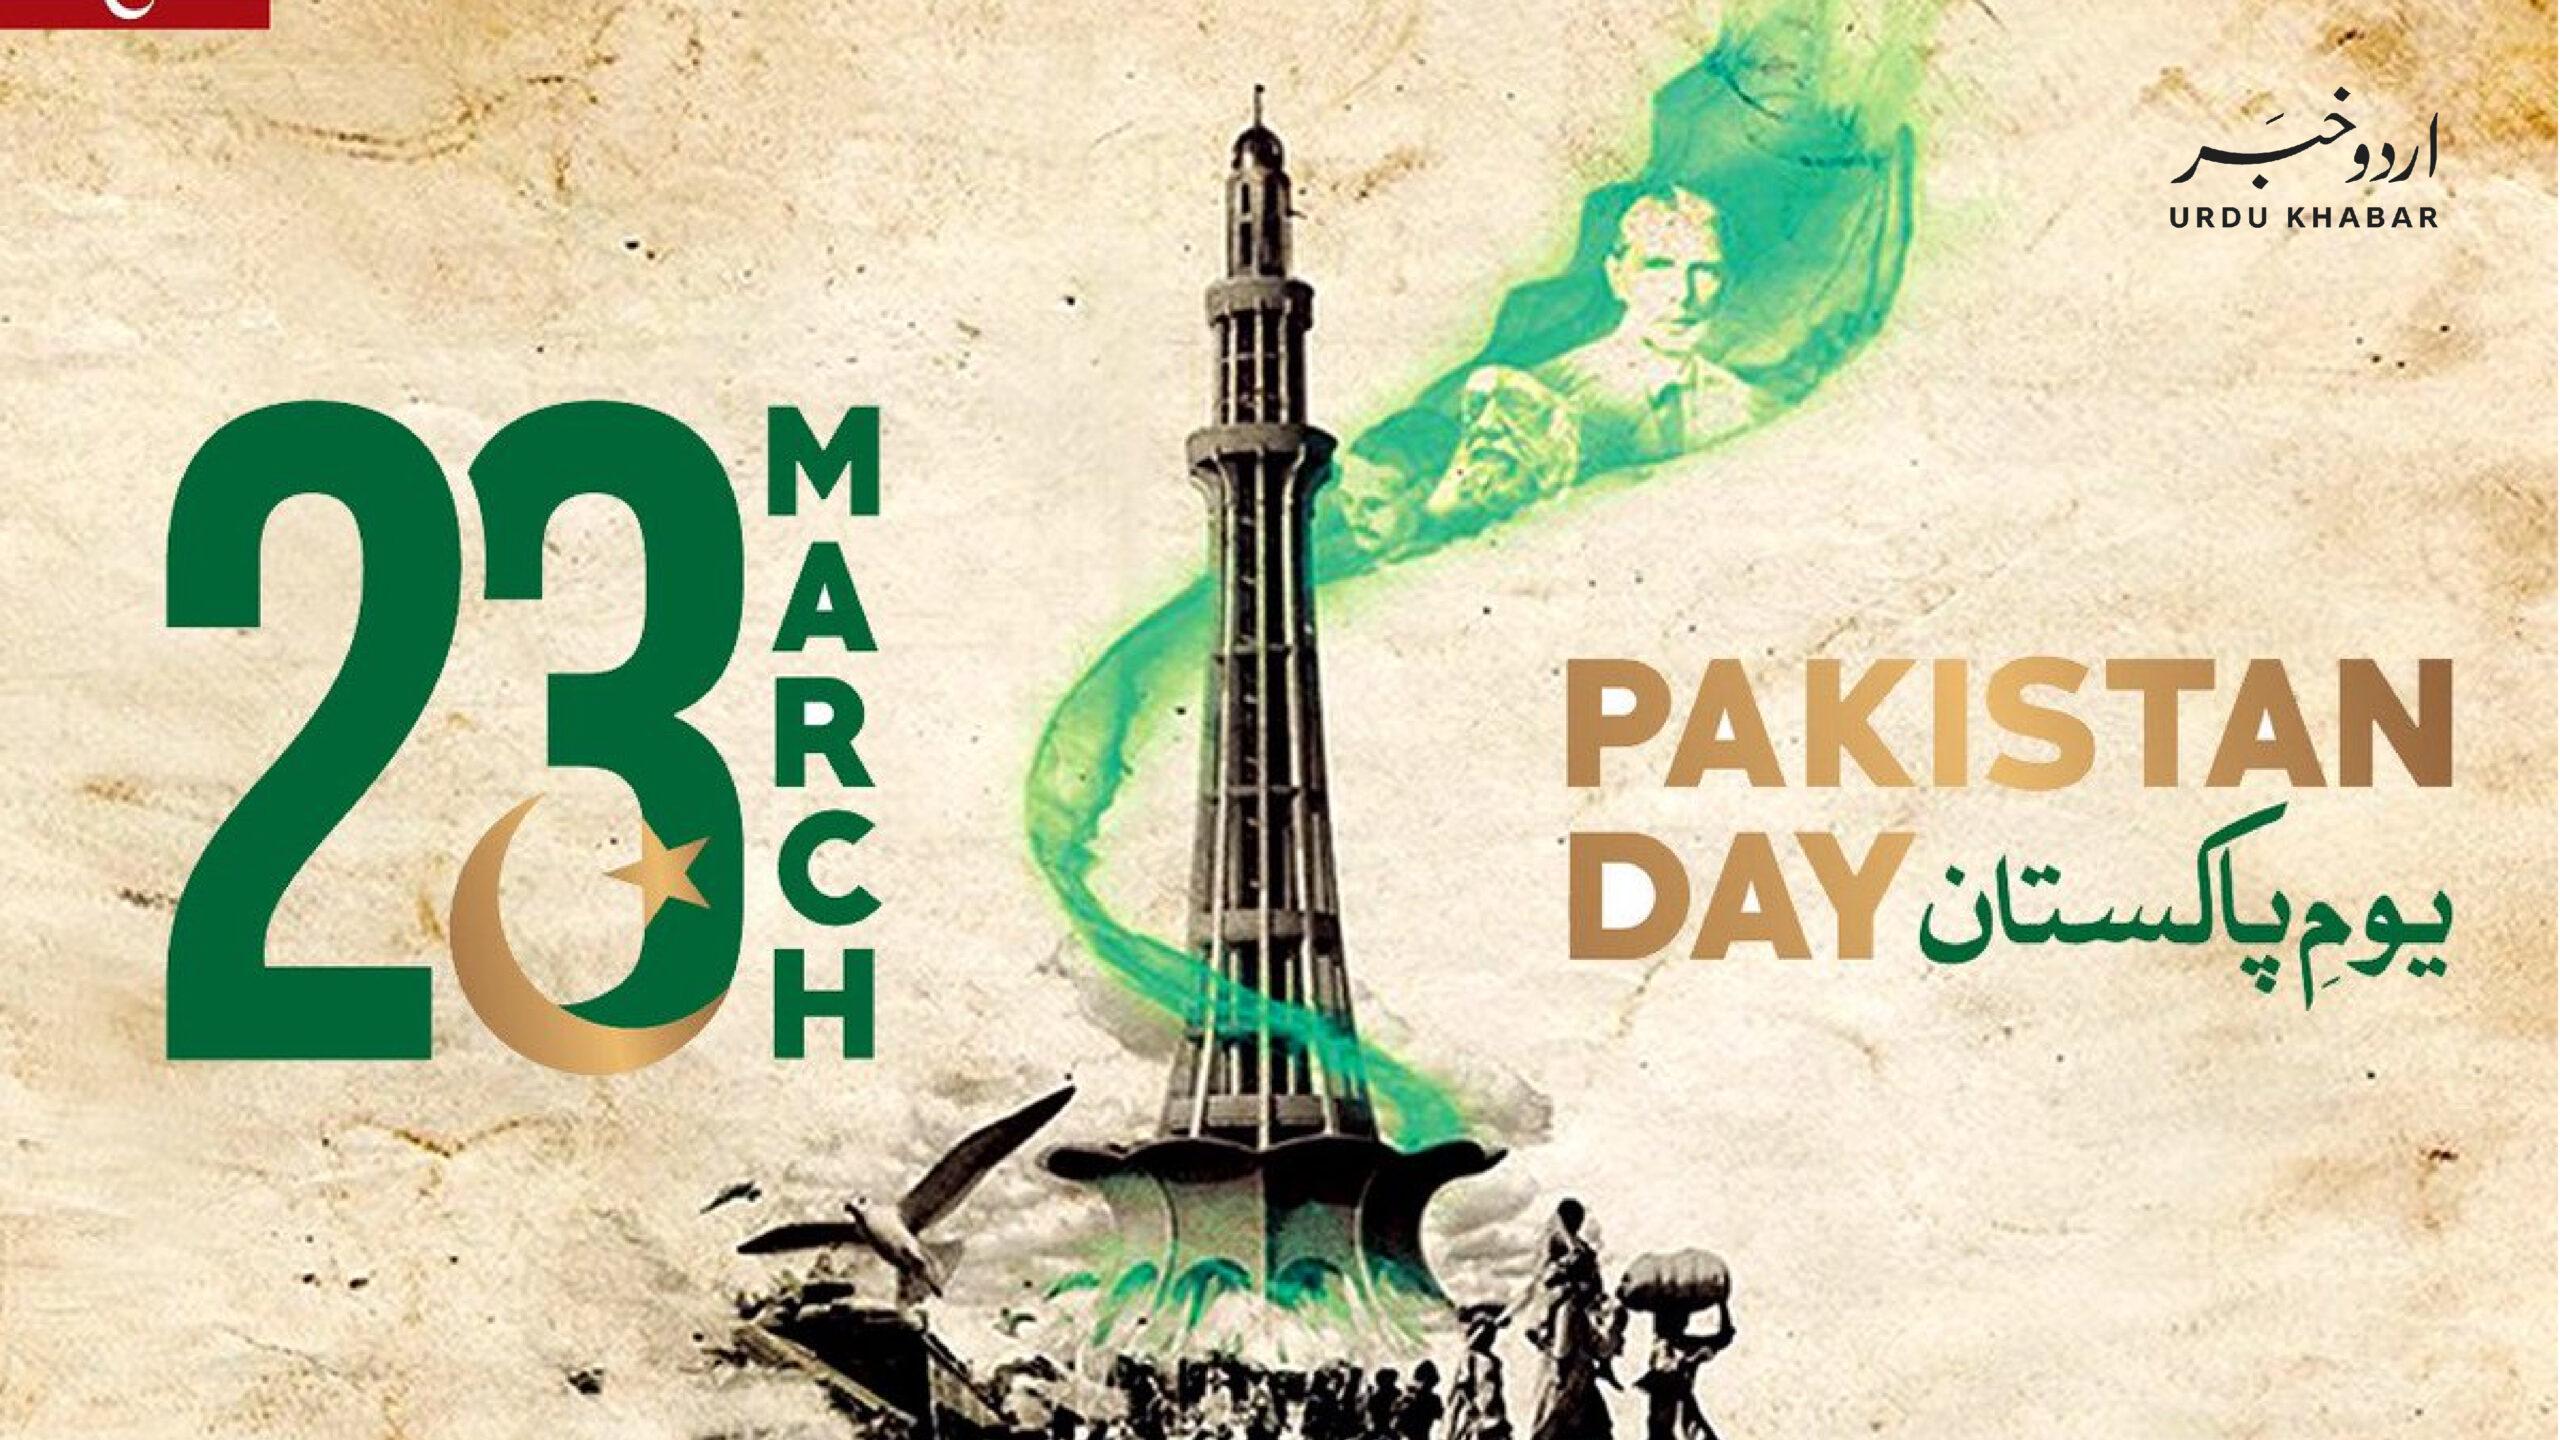 ملک بھر میں یوم قرار داد پاکستان جوش و خروش سے منایا جا رہا ہے